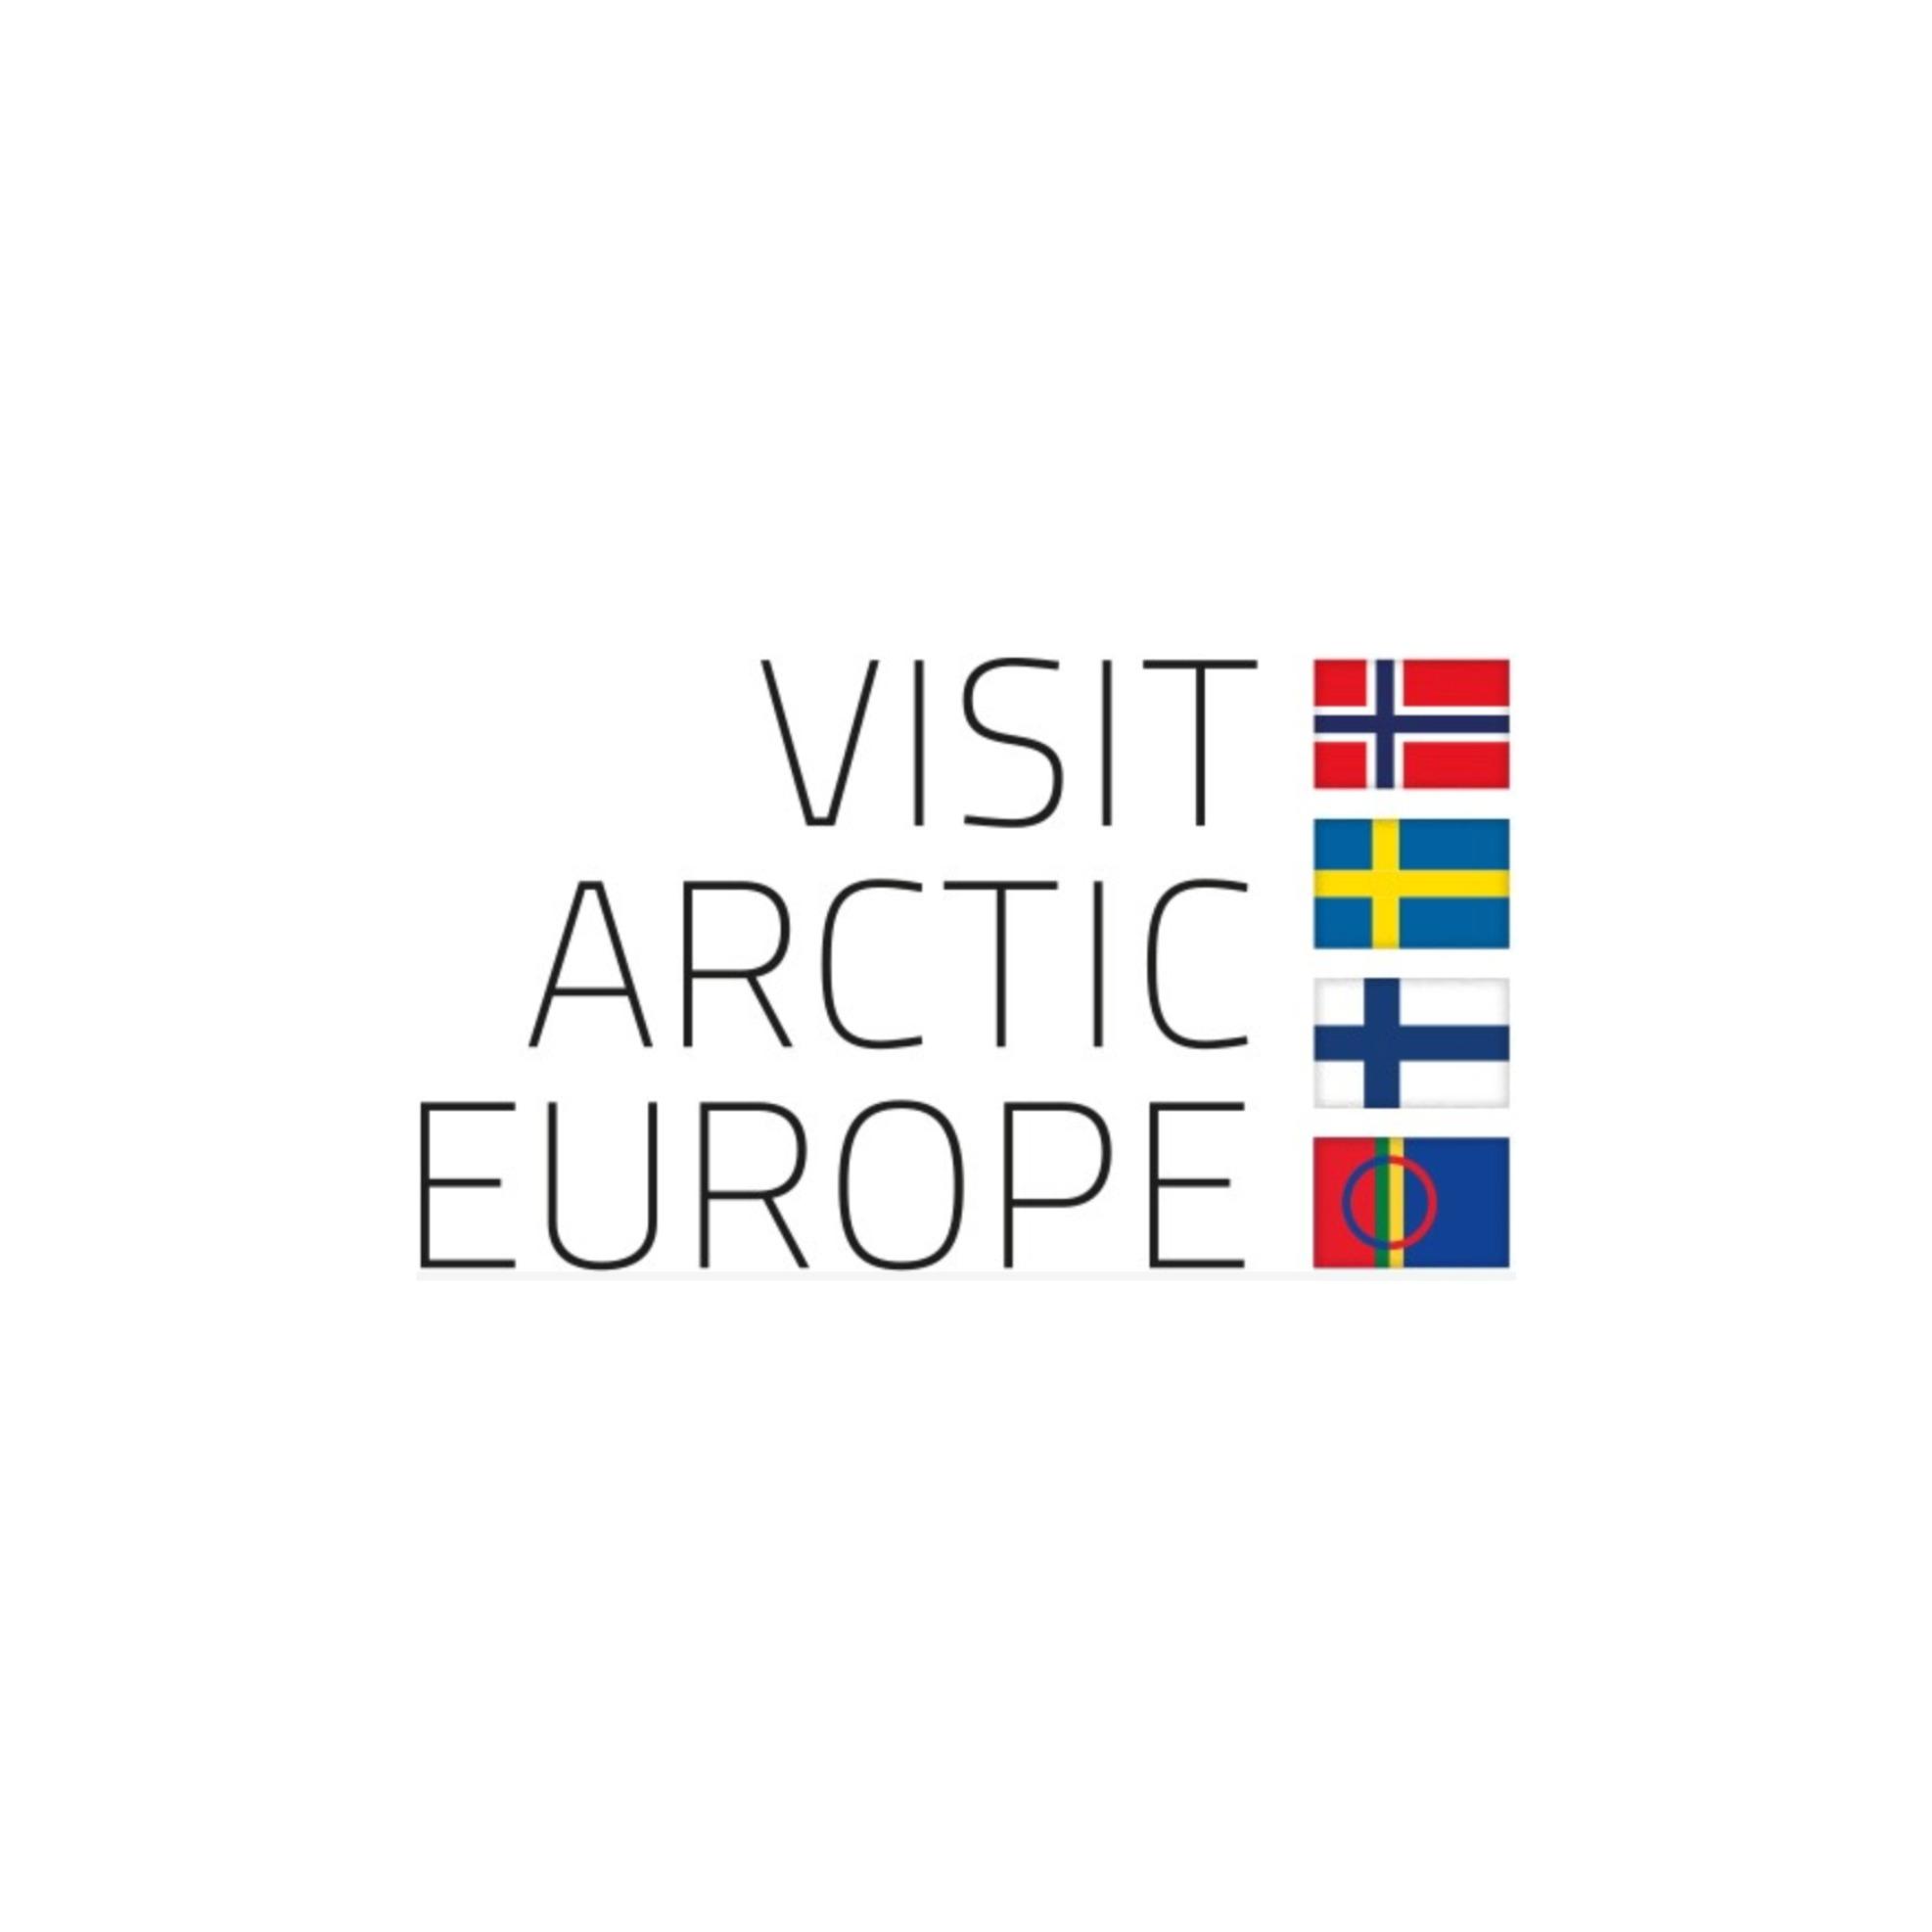 Visit Arctic Europe